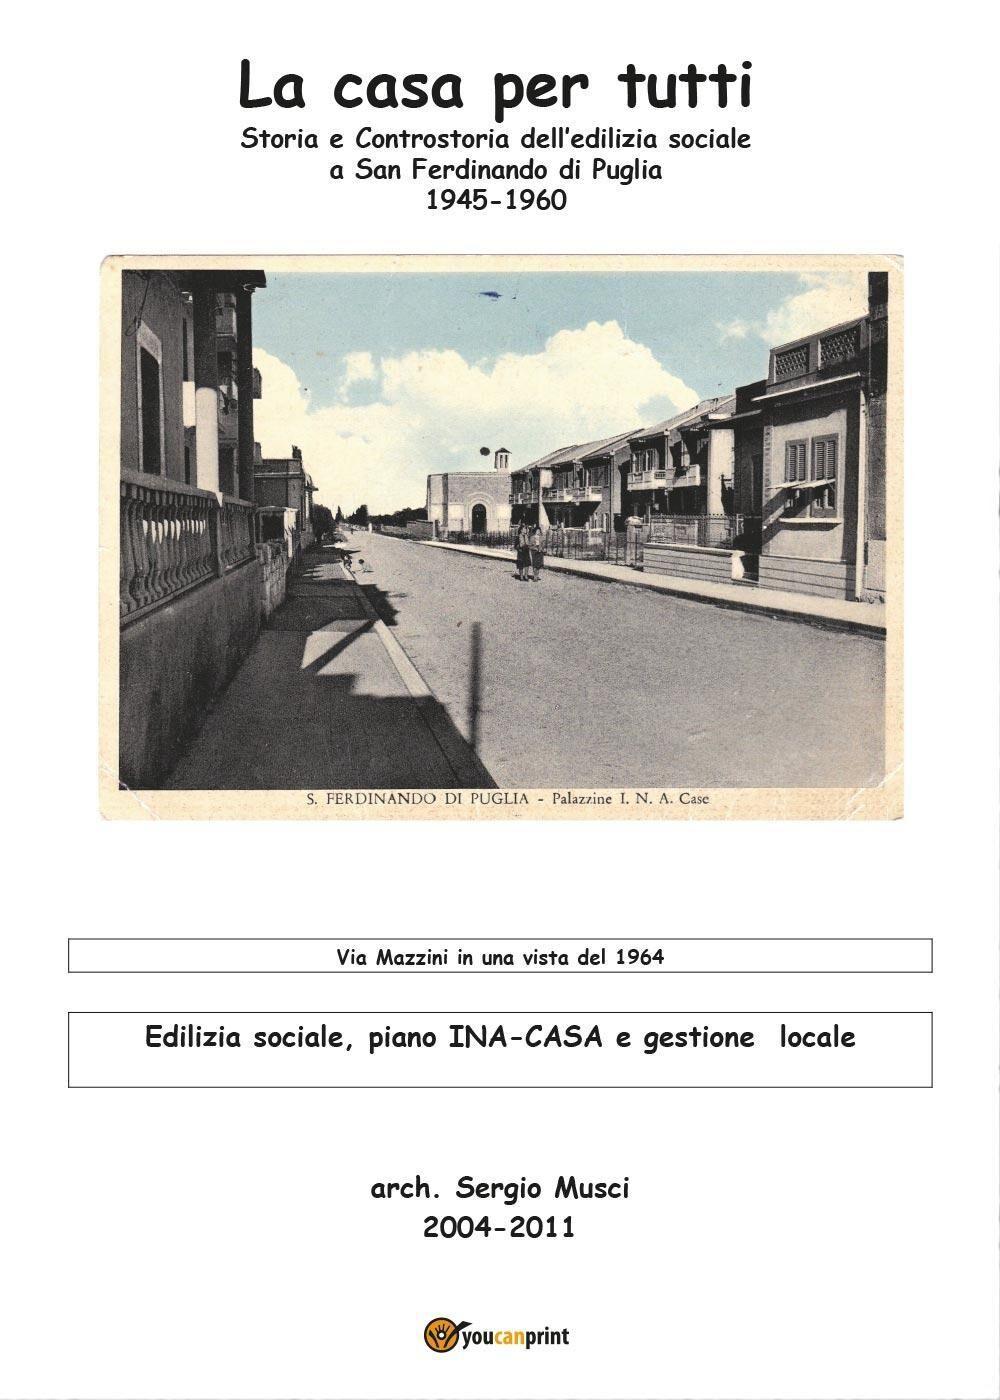 La casa per tutti? Storia e controstoria dell'edilizia sociale a San Ferdinando di Puglia (1945-1960). Edilizia sociale, piano INA CASA e gestionelocale